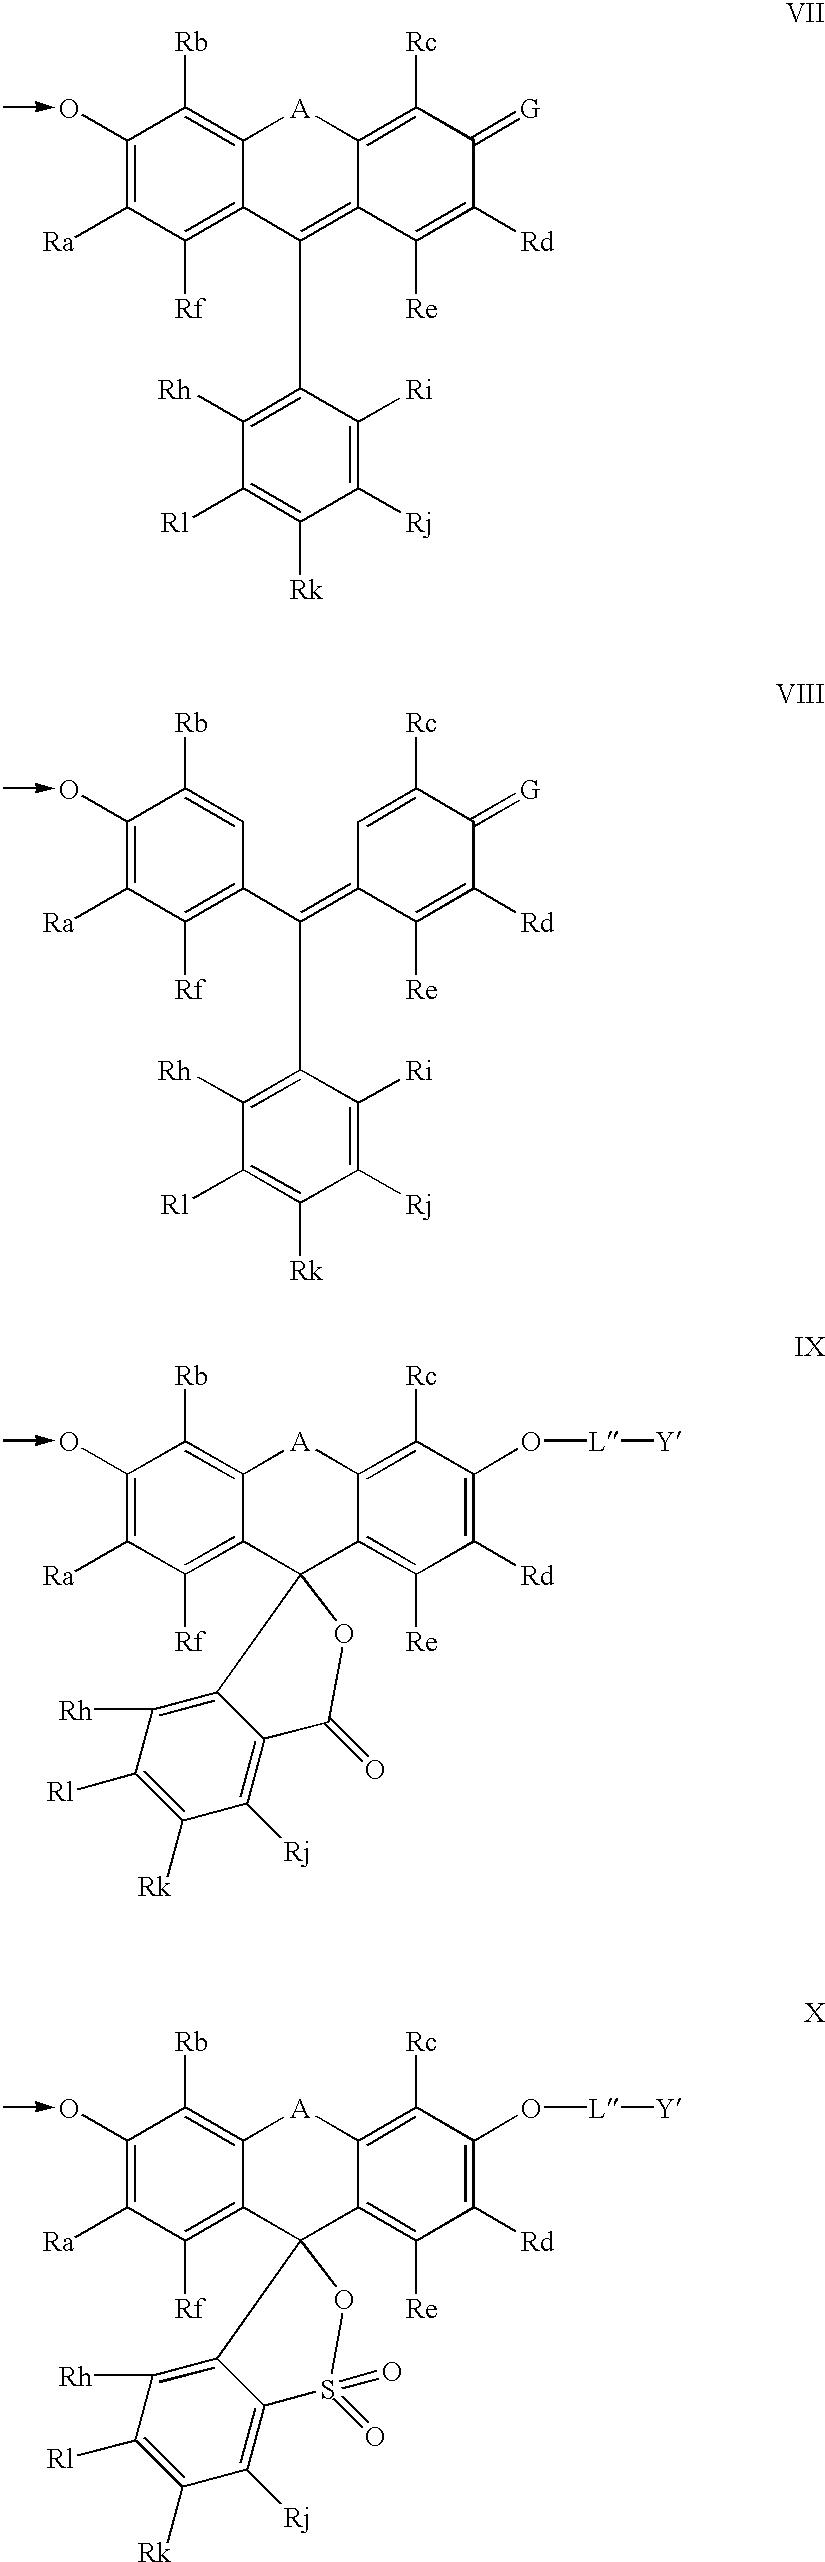 Figure US06514687-20030204-C00088